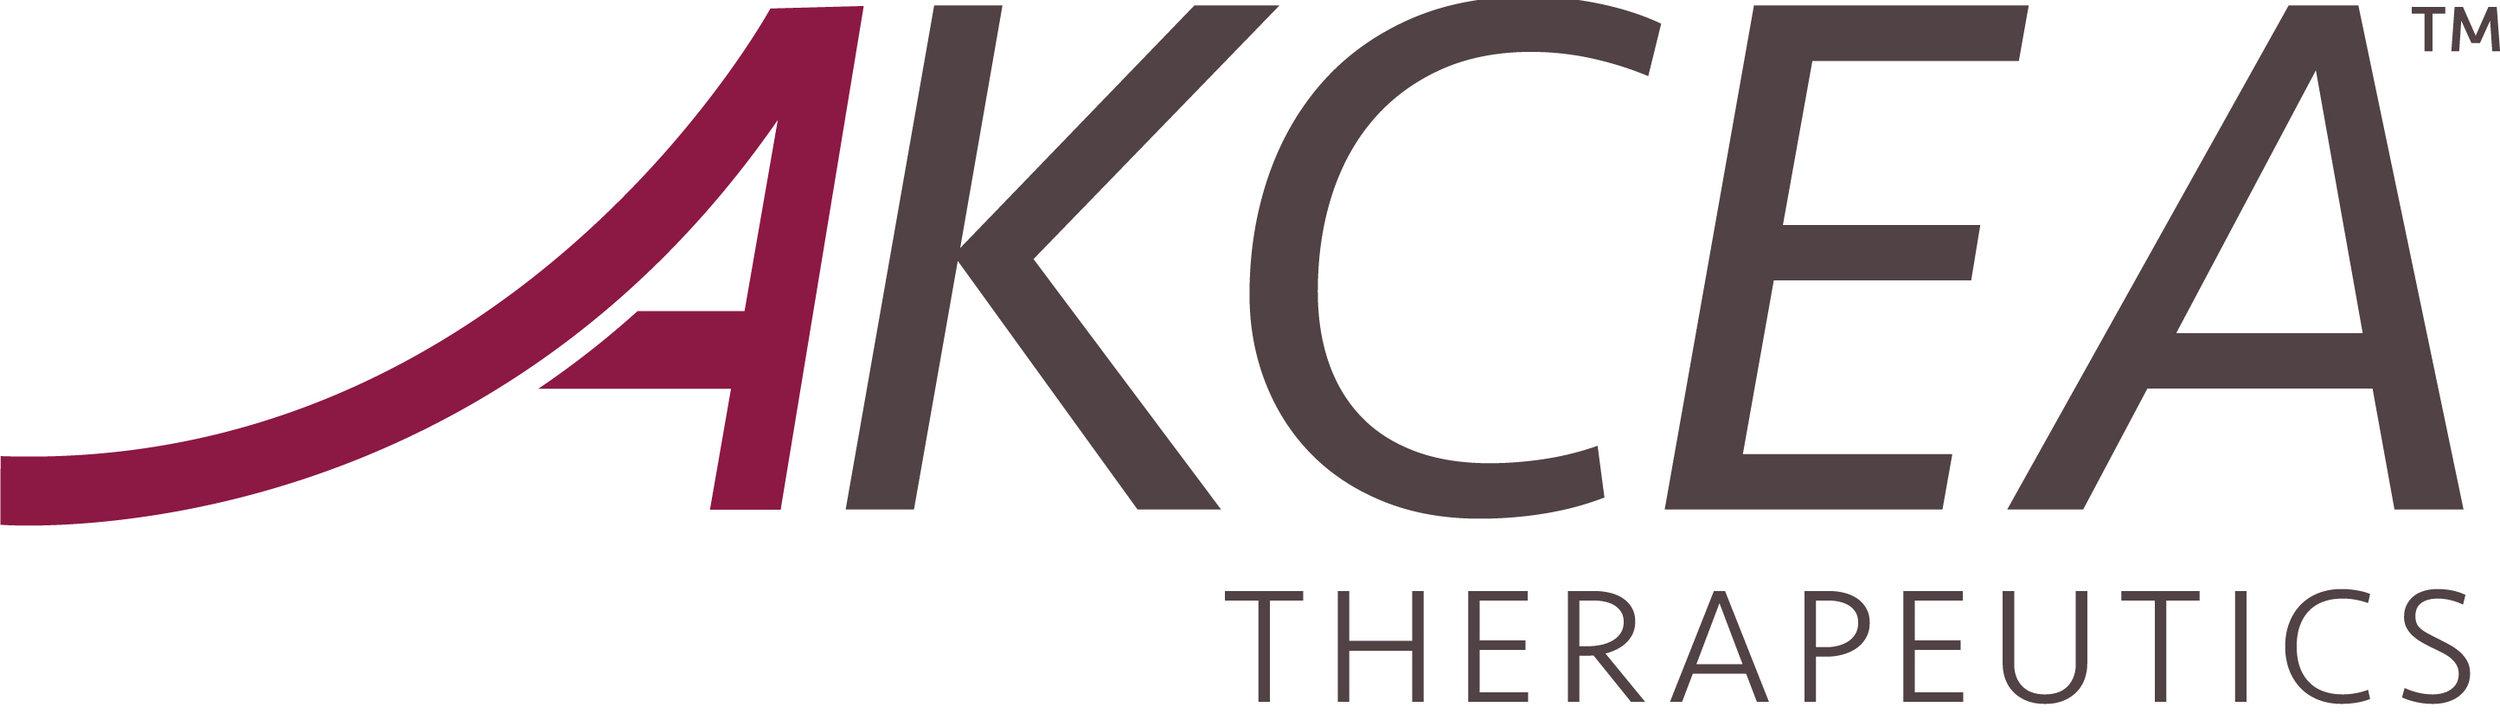 Akcea_Logo_2017_RGB_TM.jpg